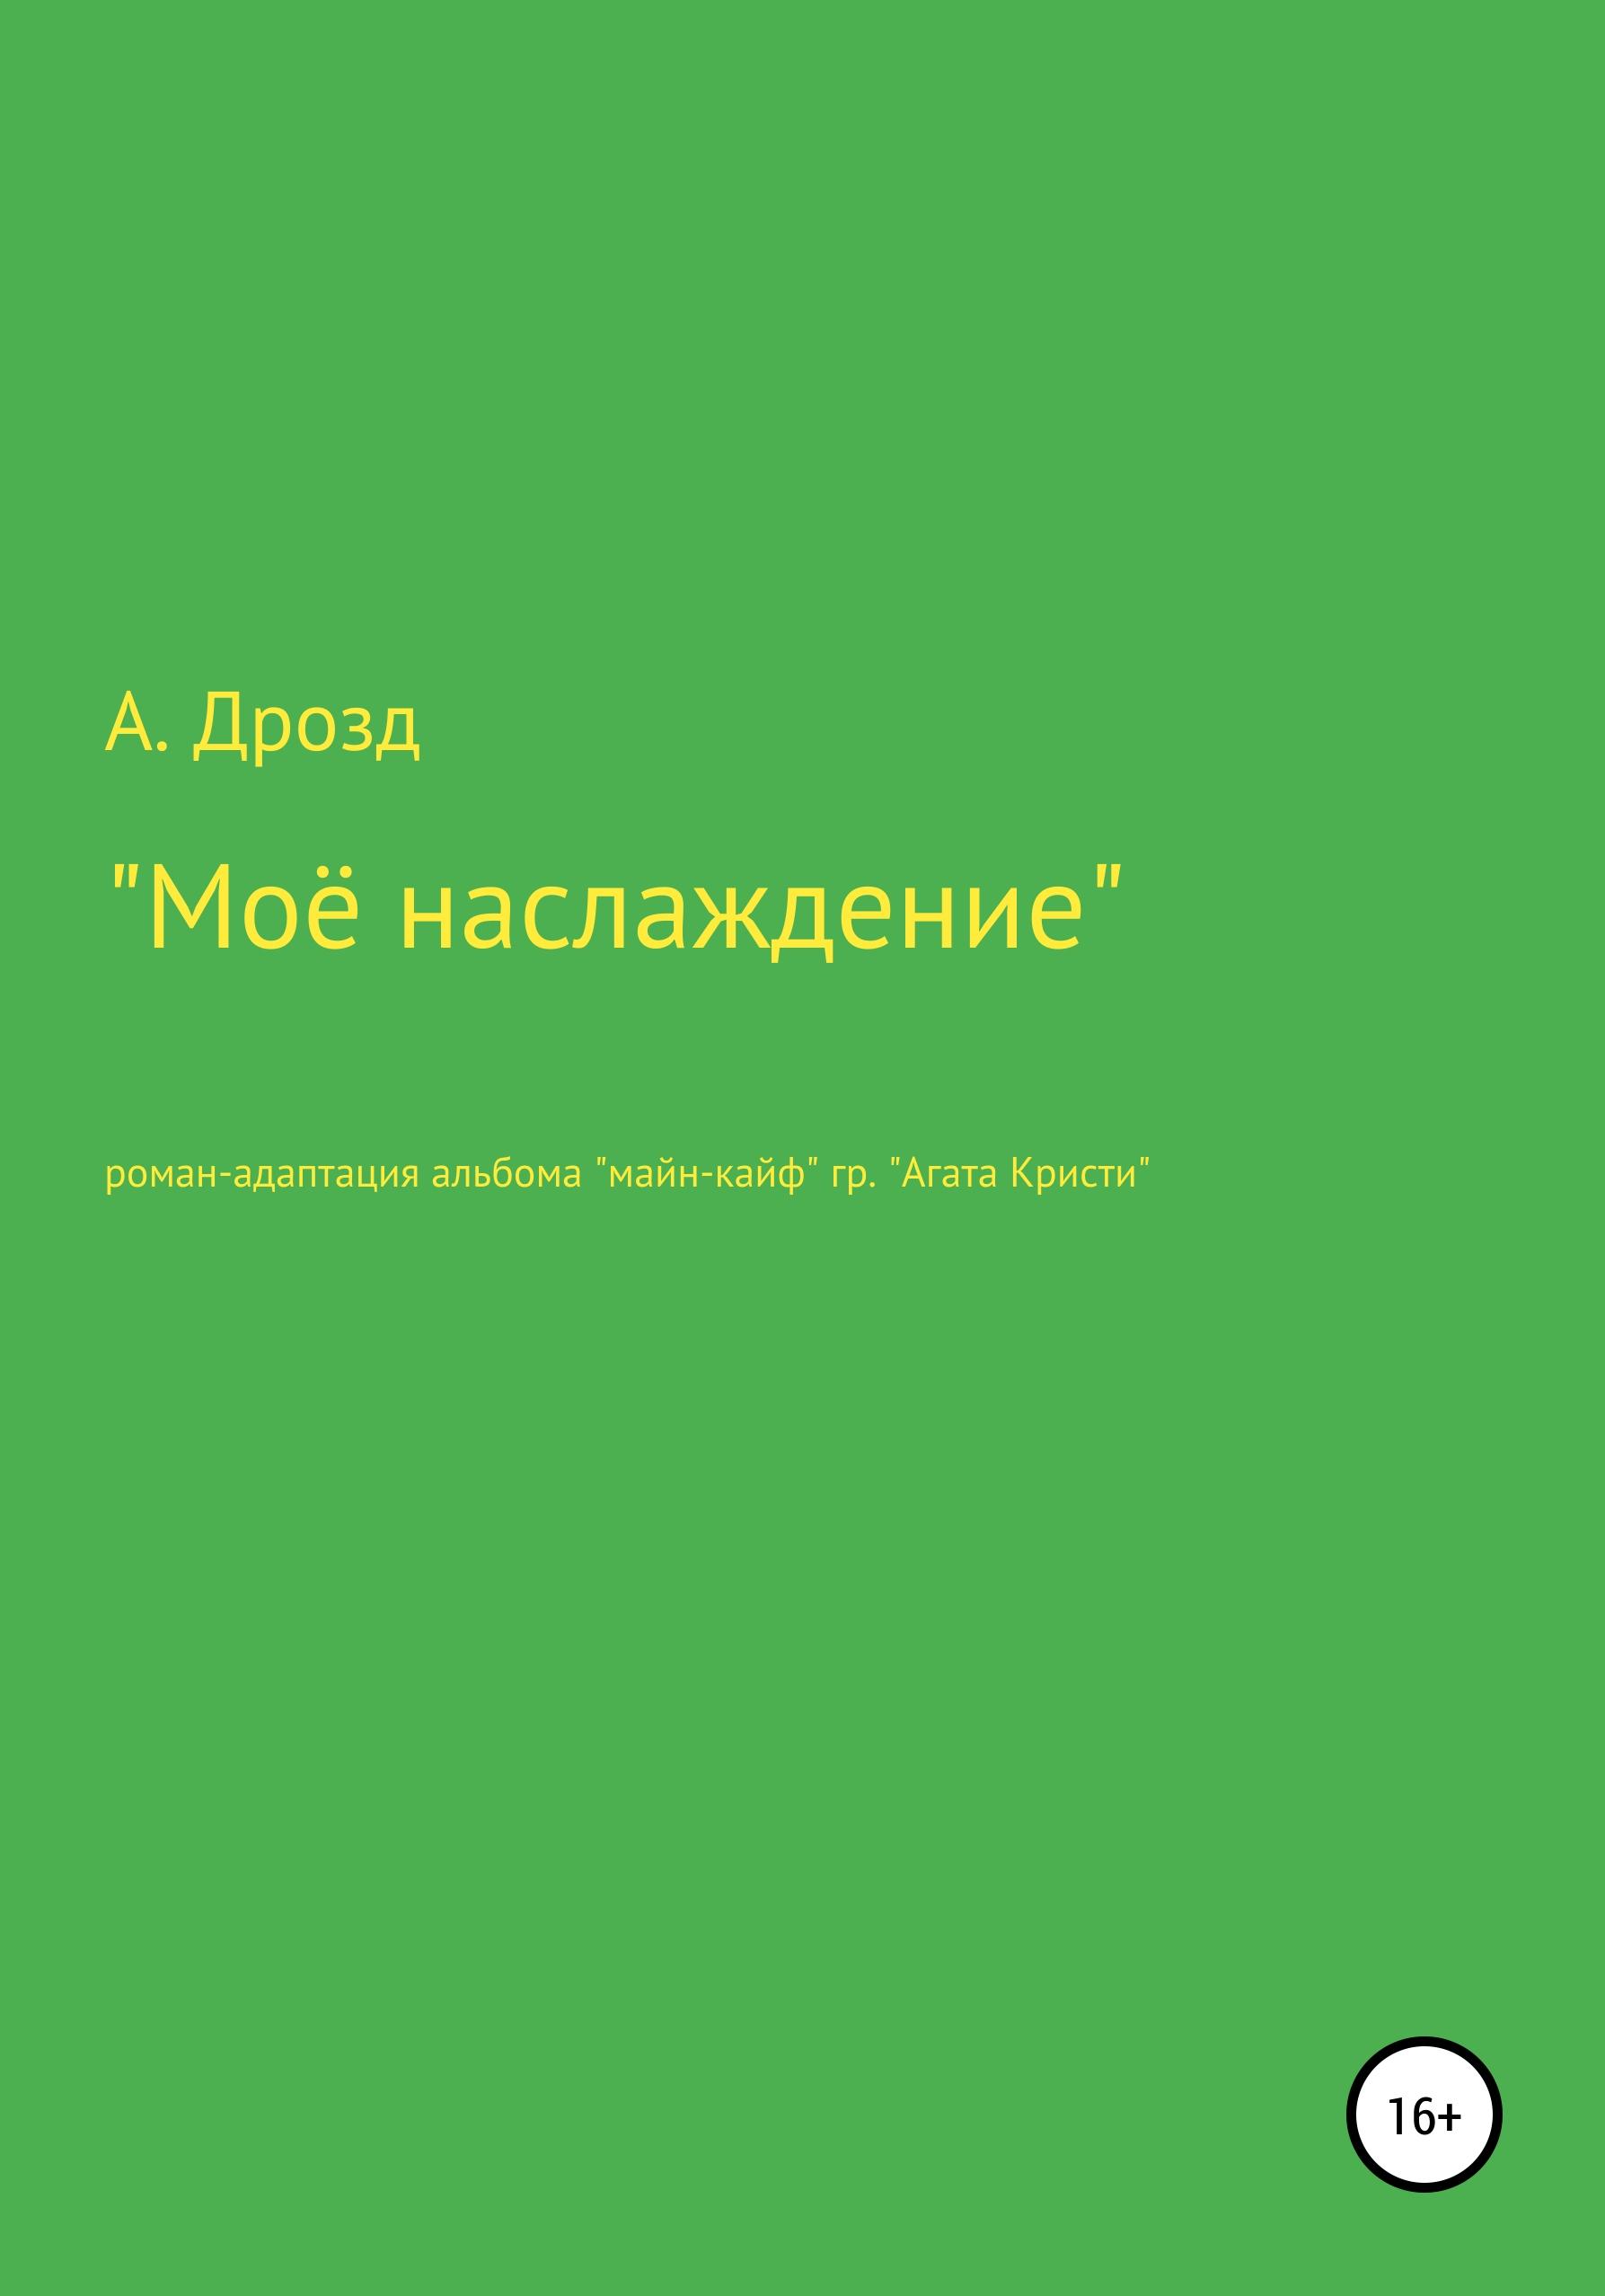 Александр Александрович Дрозд Моё наслаждение пинт александр александрович самоисследование ключ к высшему я искусство ясного видения